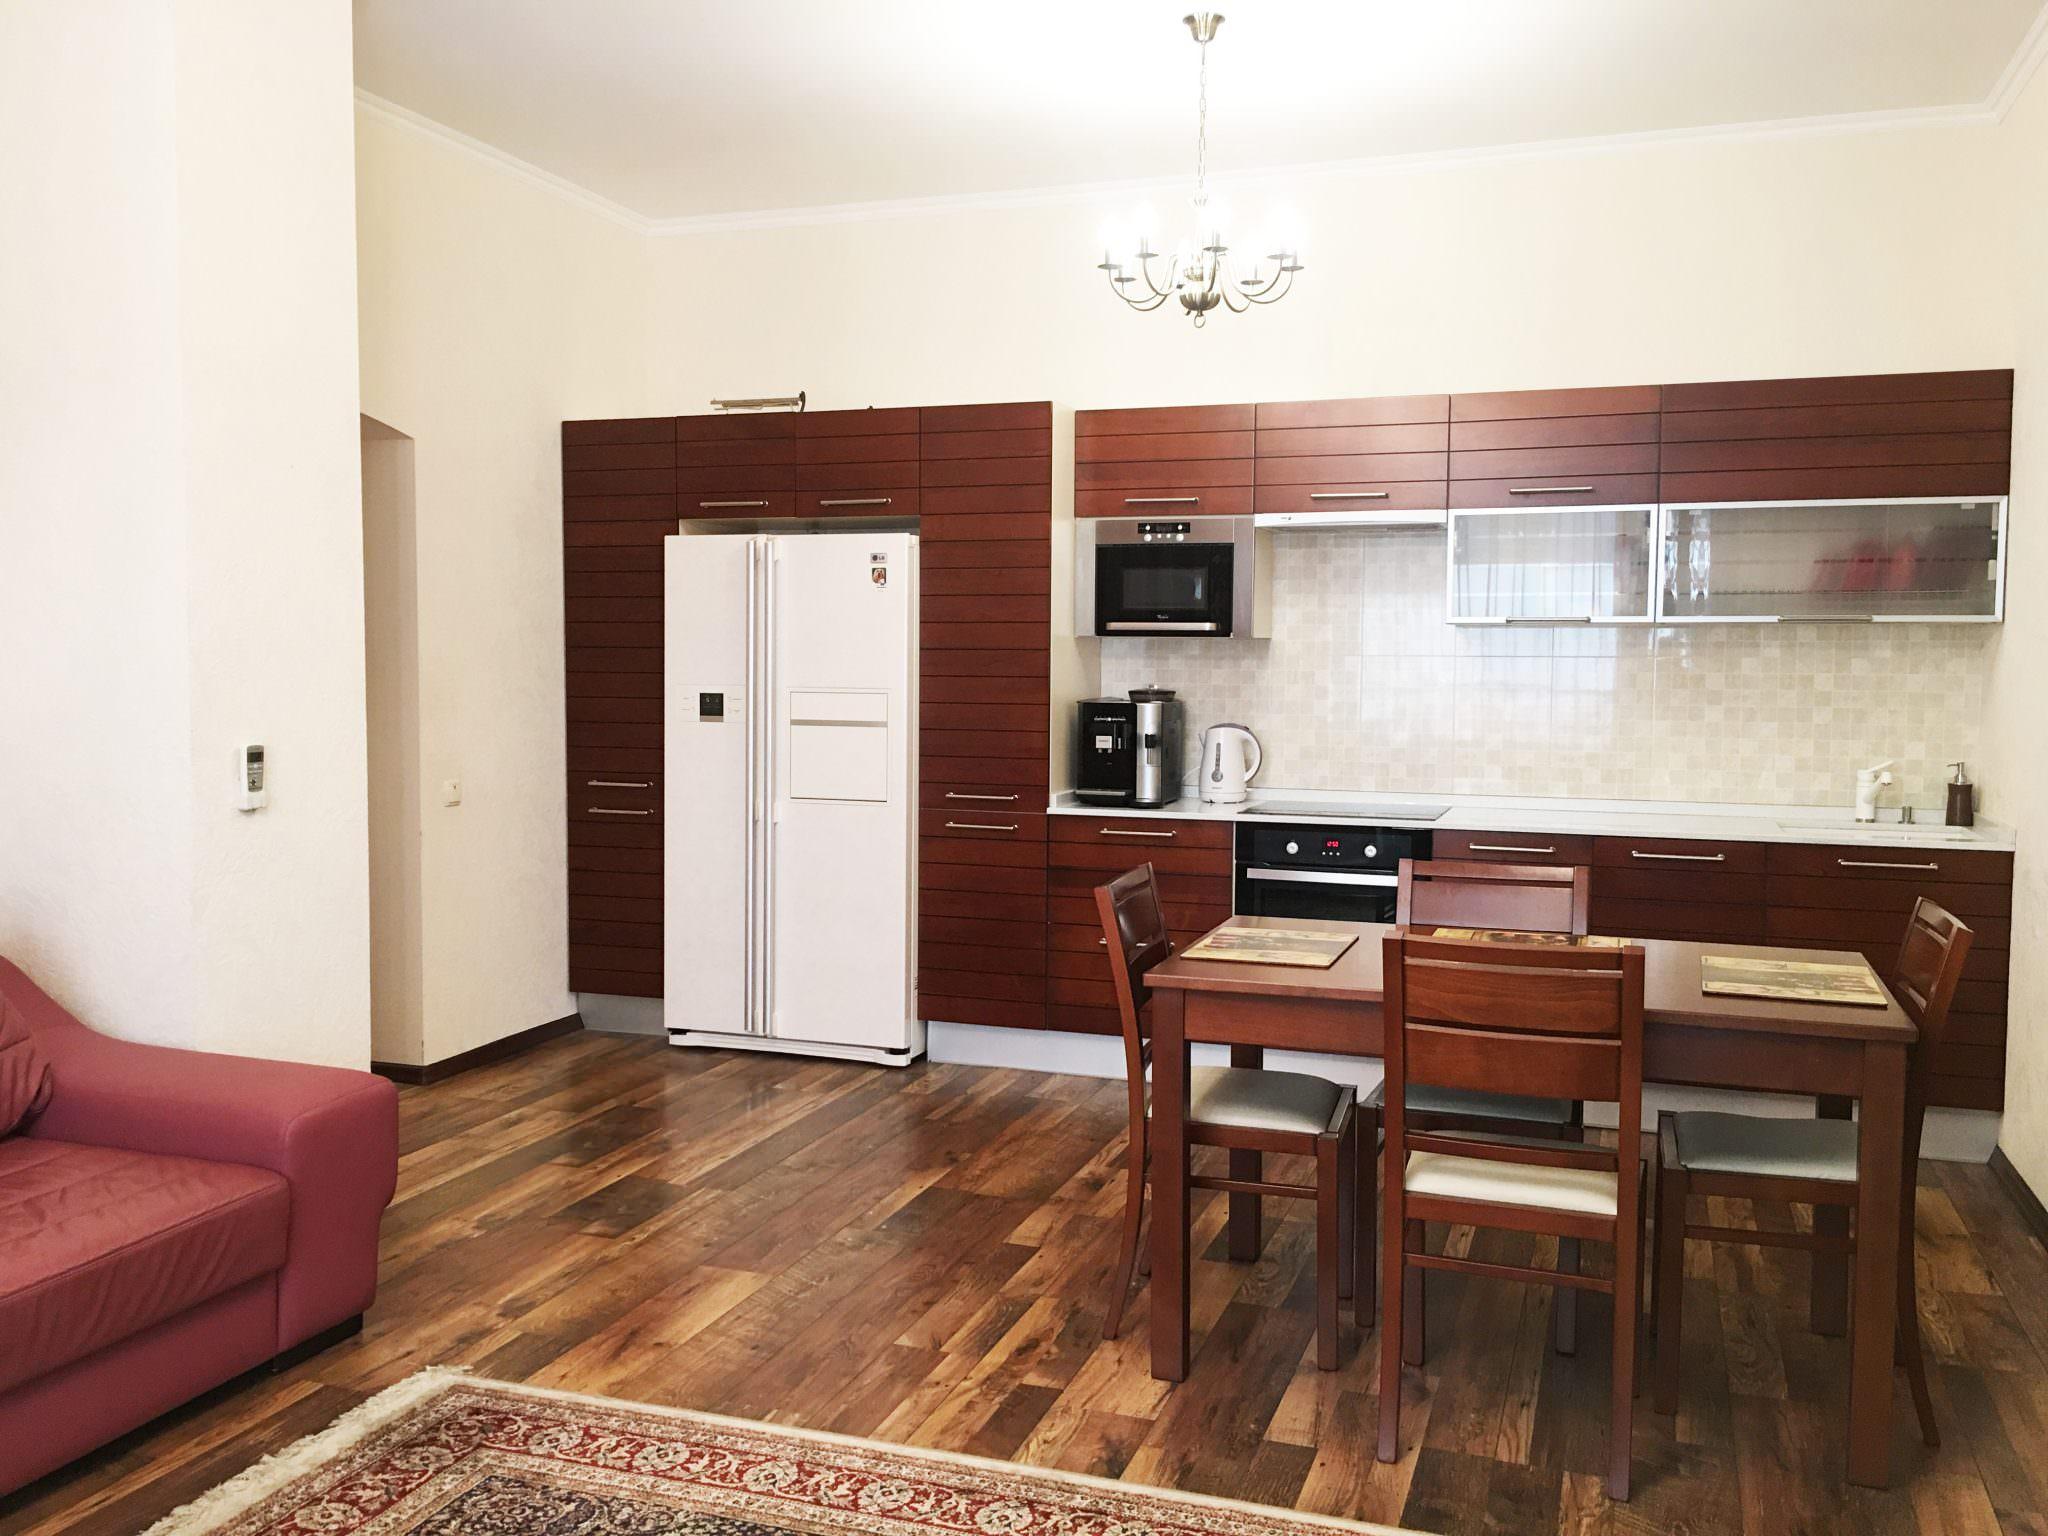 Двухкомнатная квартира в ЖК Омега. 1